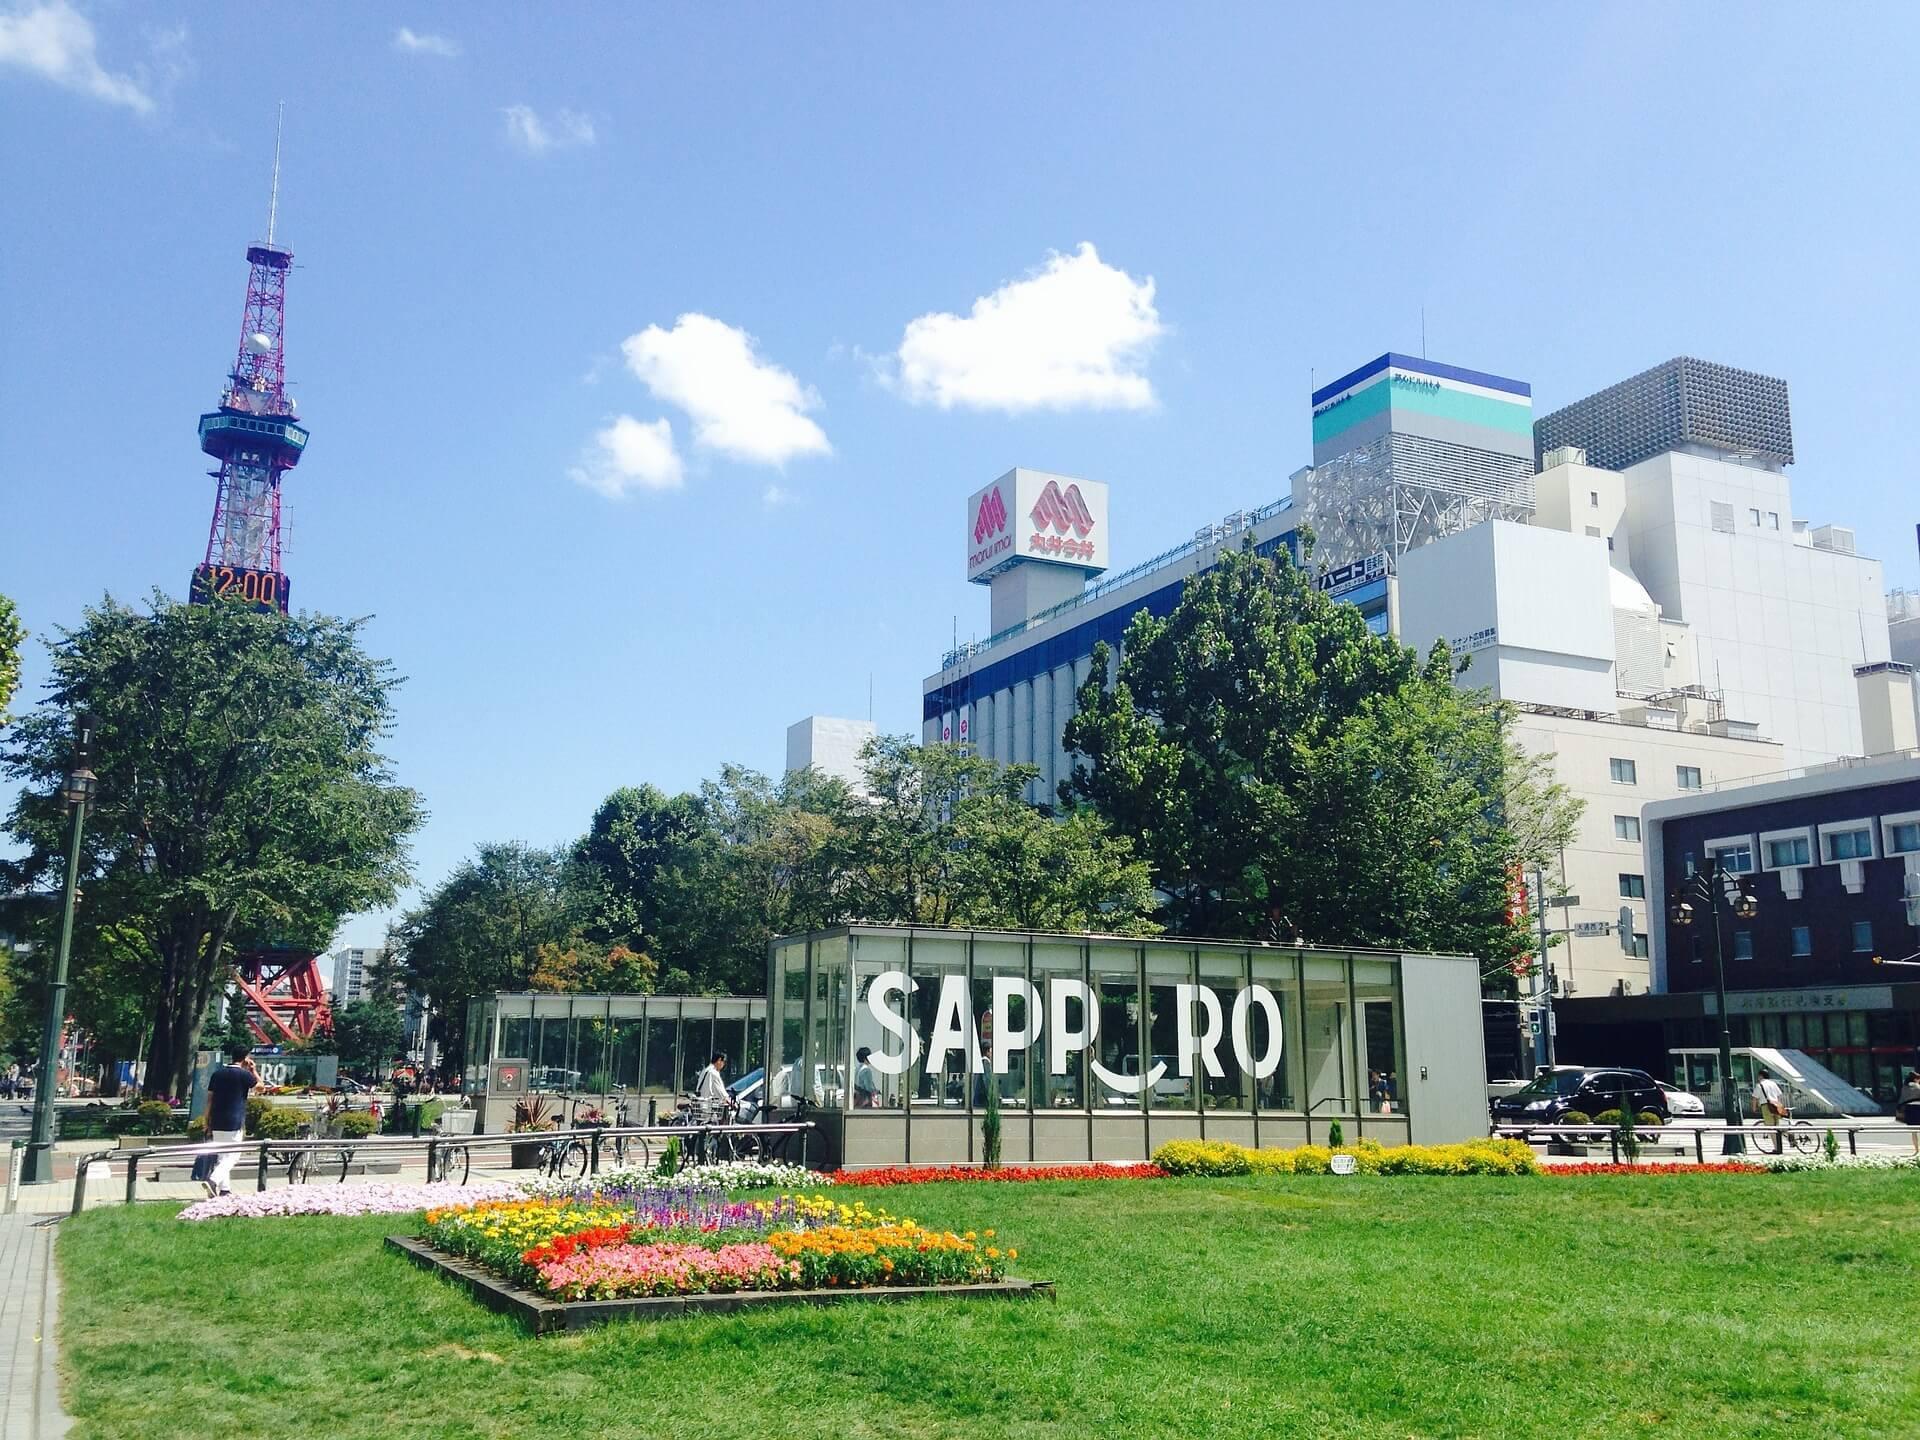 Odori Park, Sapporo